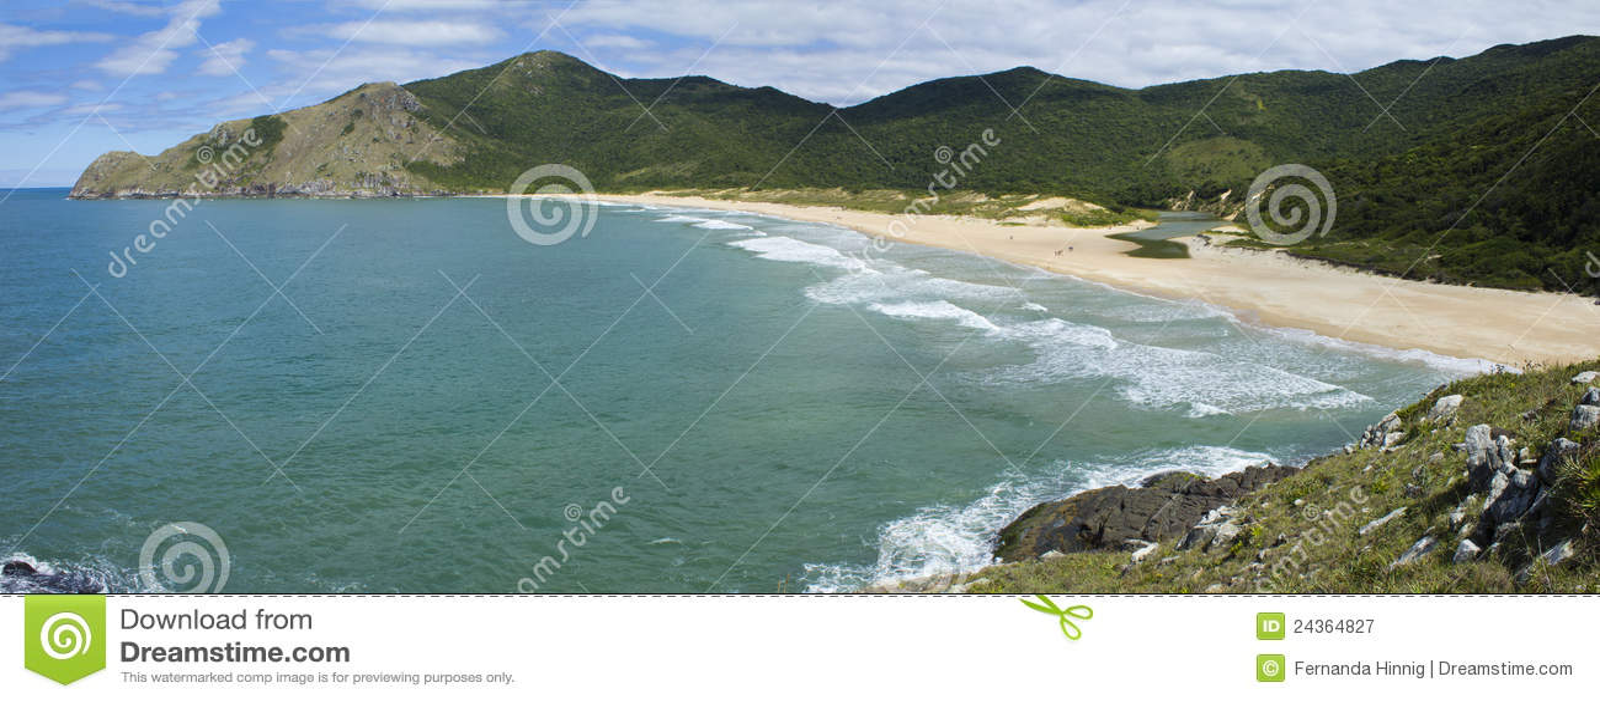 Playa en Florianopolis